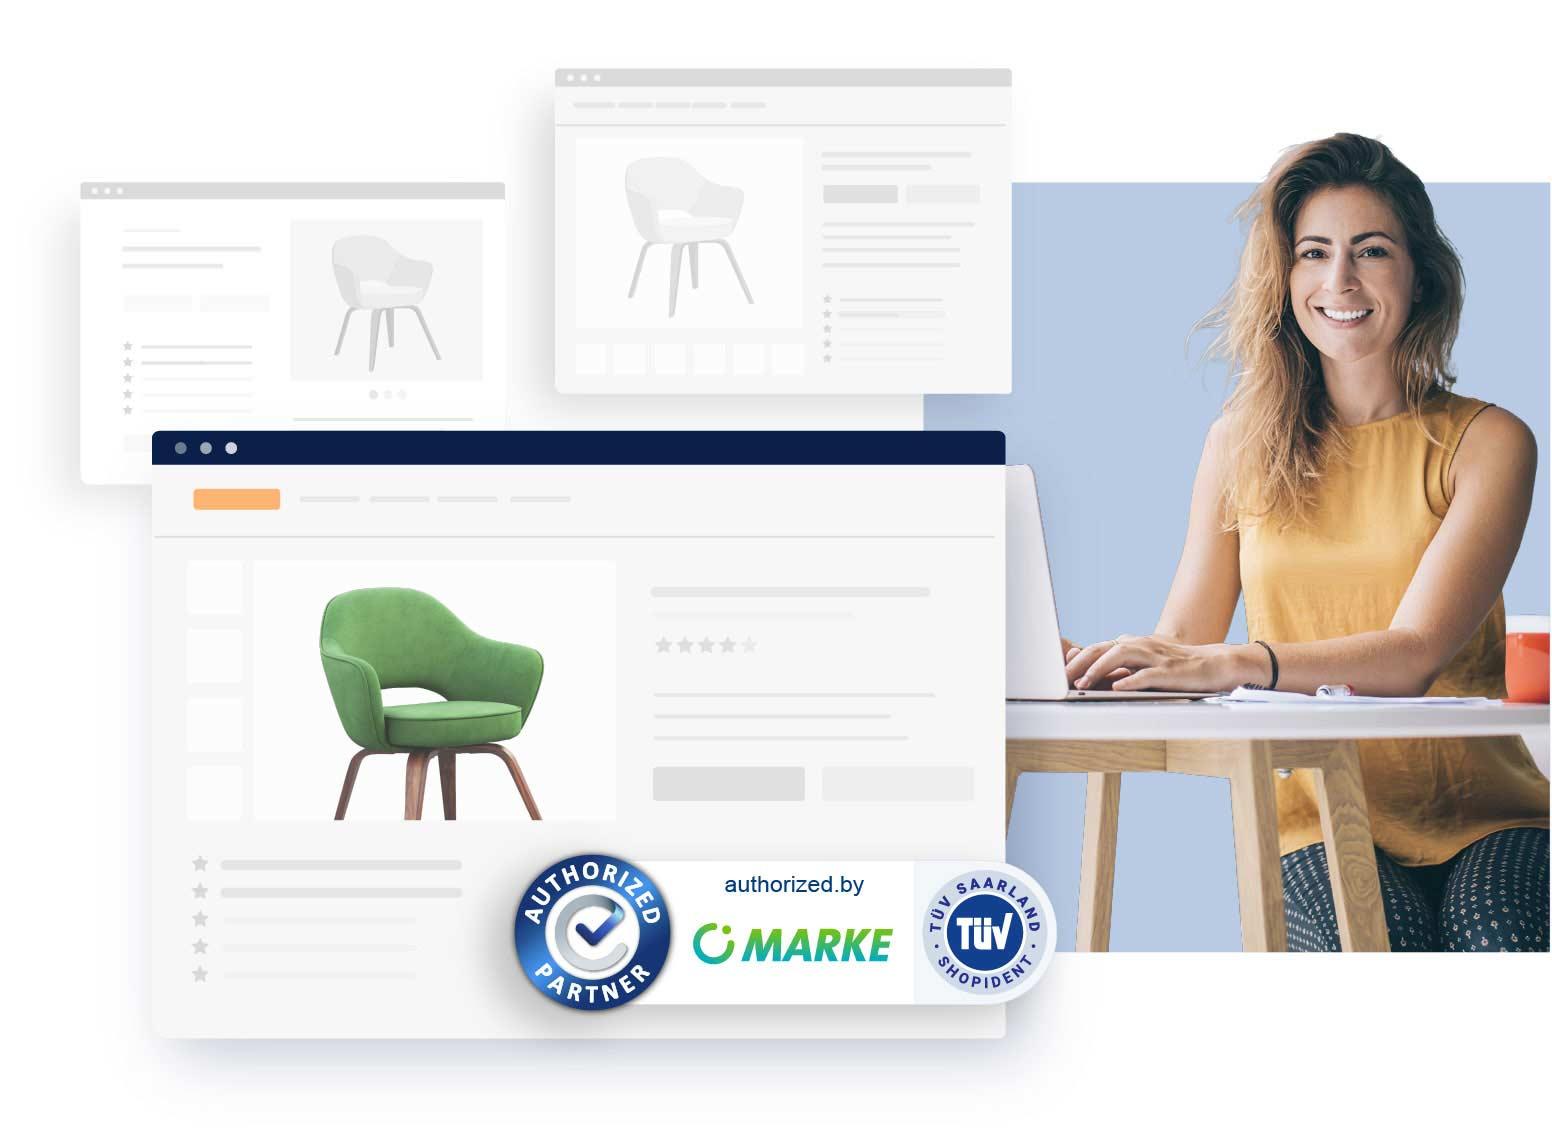 Vertrauen im eCommerce mit Echtzeit-Siegel und TÜV-ShopIdent authorized.by®